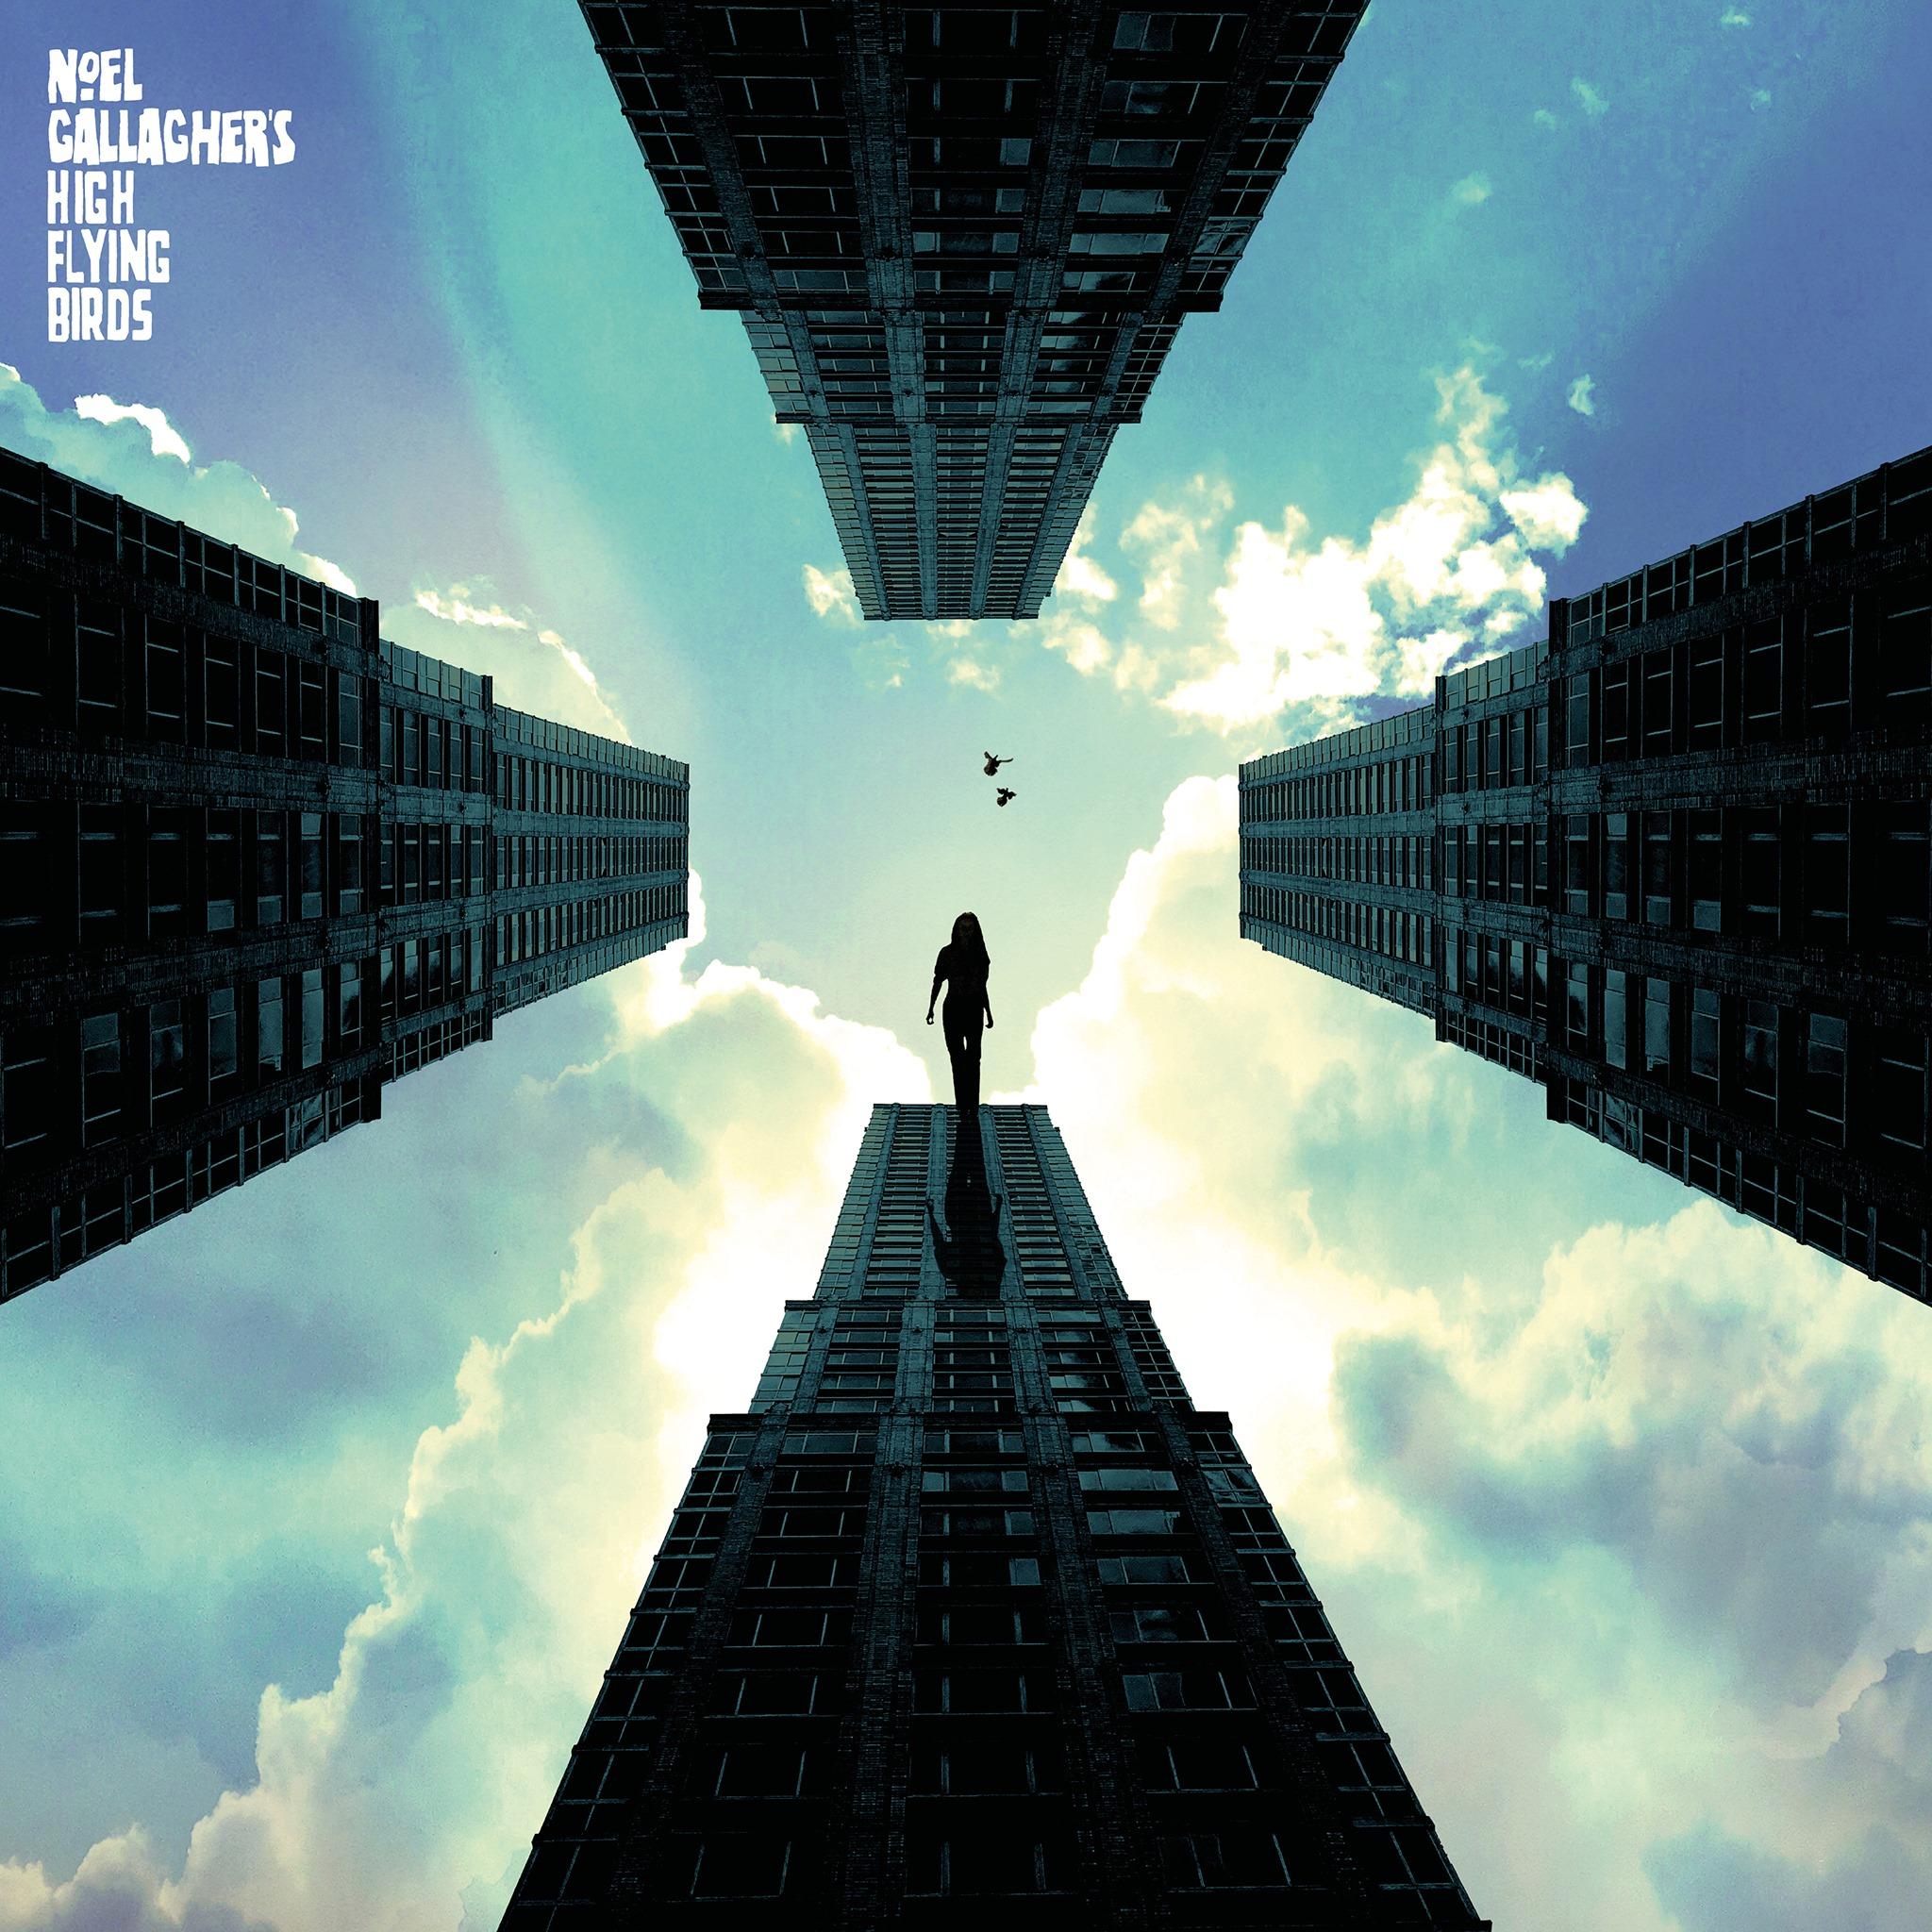 Noelis Gallagheris išleis geriausių dainų albumą (pristatyta nauja daina)